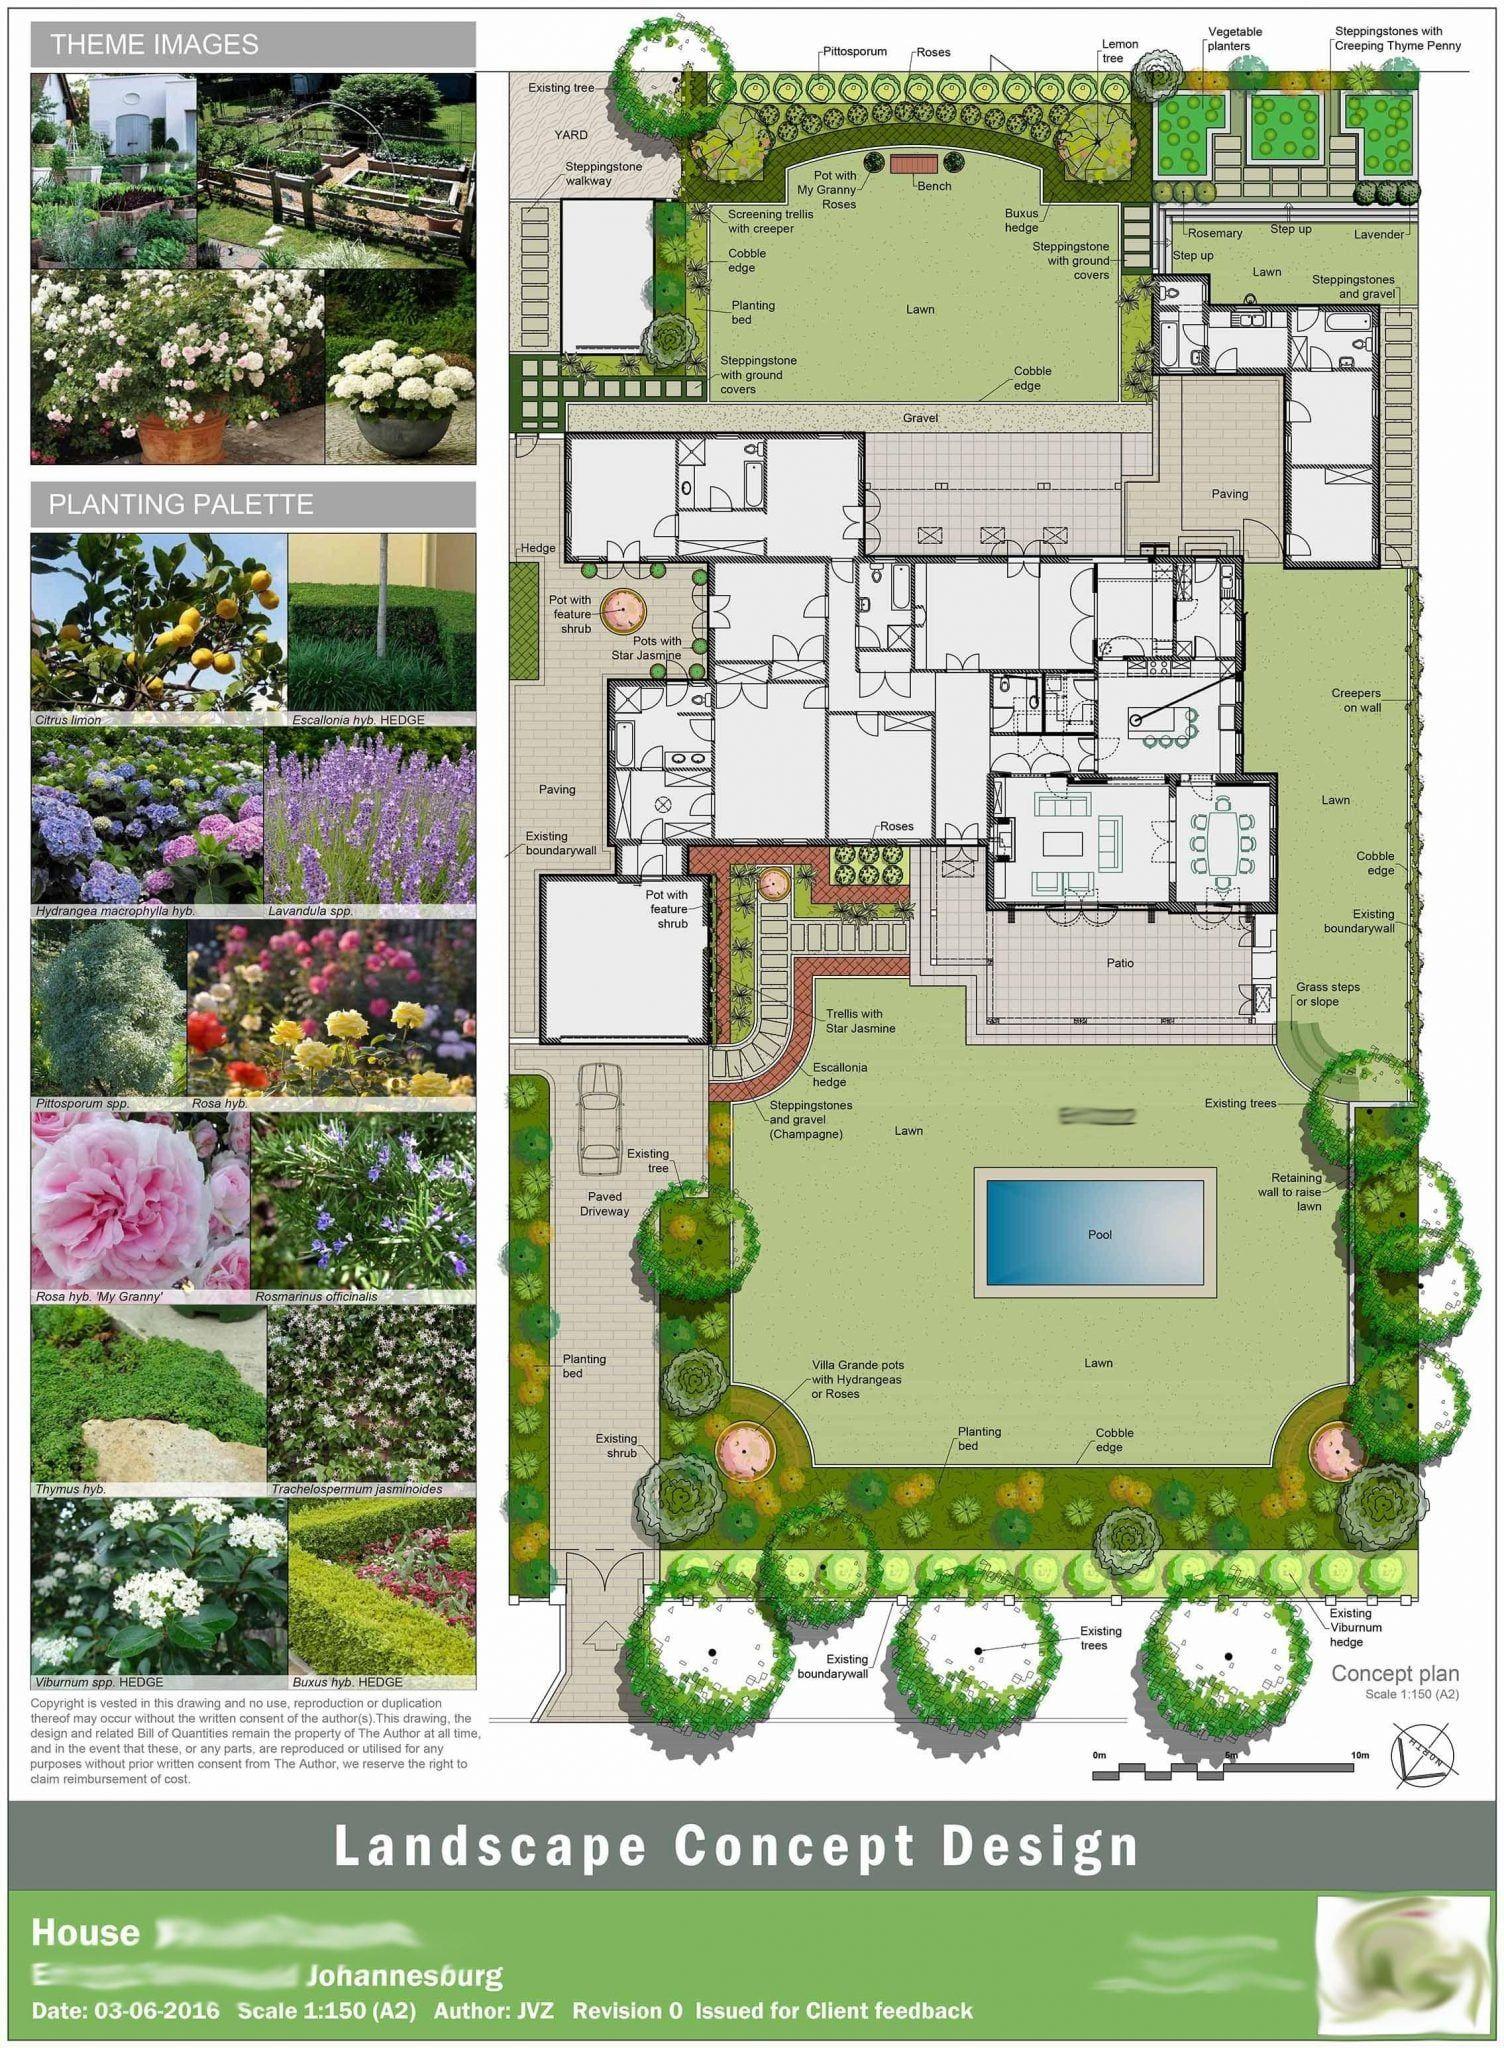 Garden Layout Design Qatar Di 2020 Desain Taman Kecil Tata Letak Taman Desain Taman